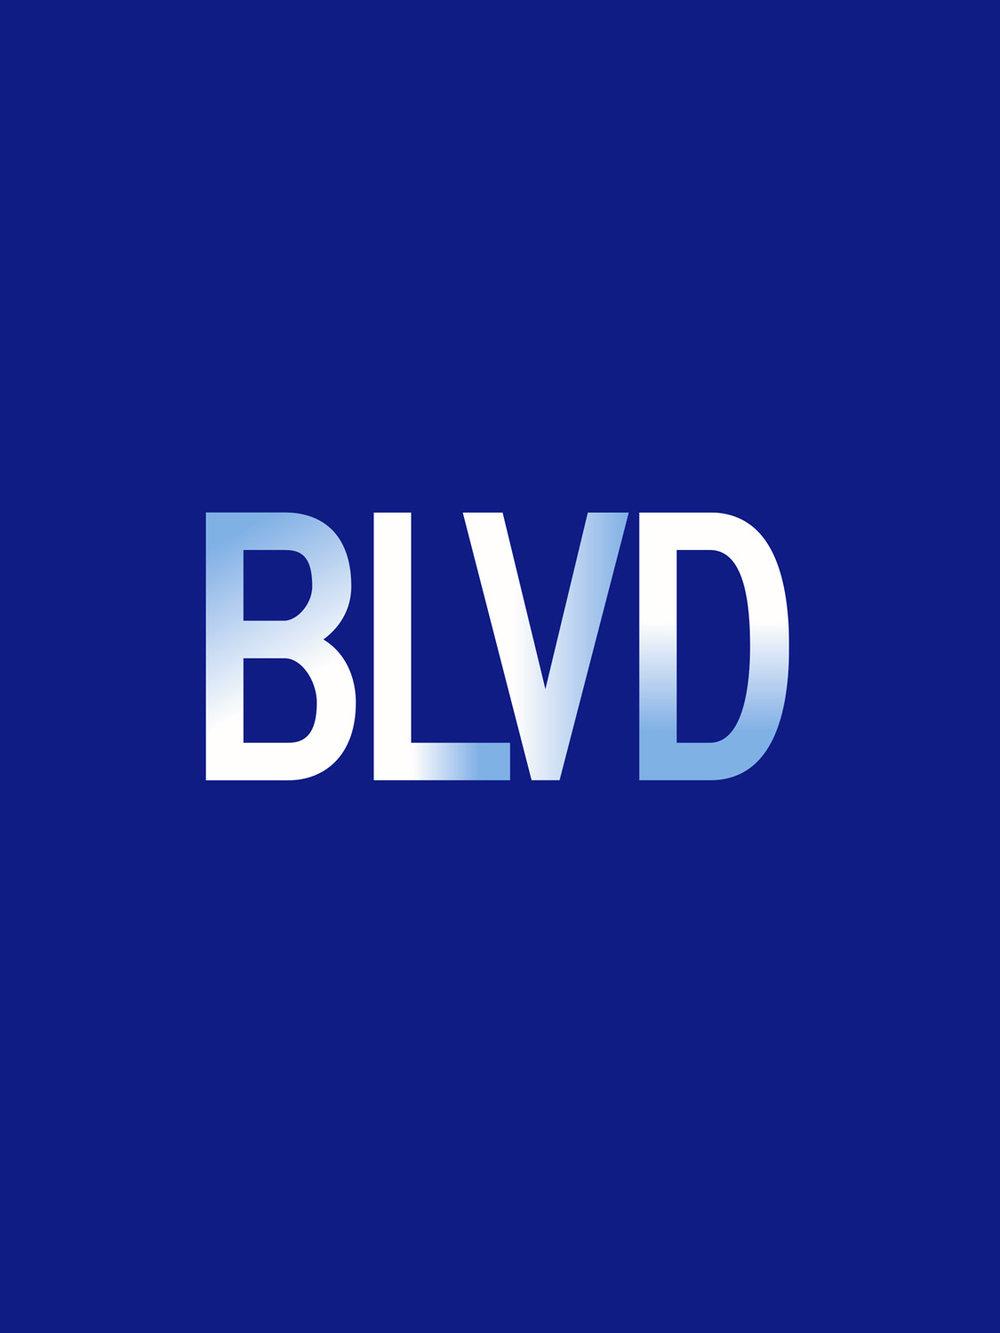 blvd-hilger-09042017-1.jpg